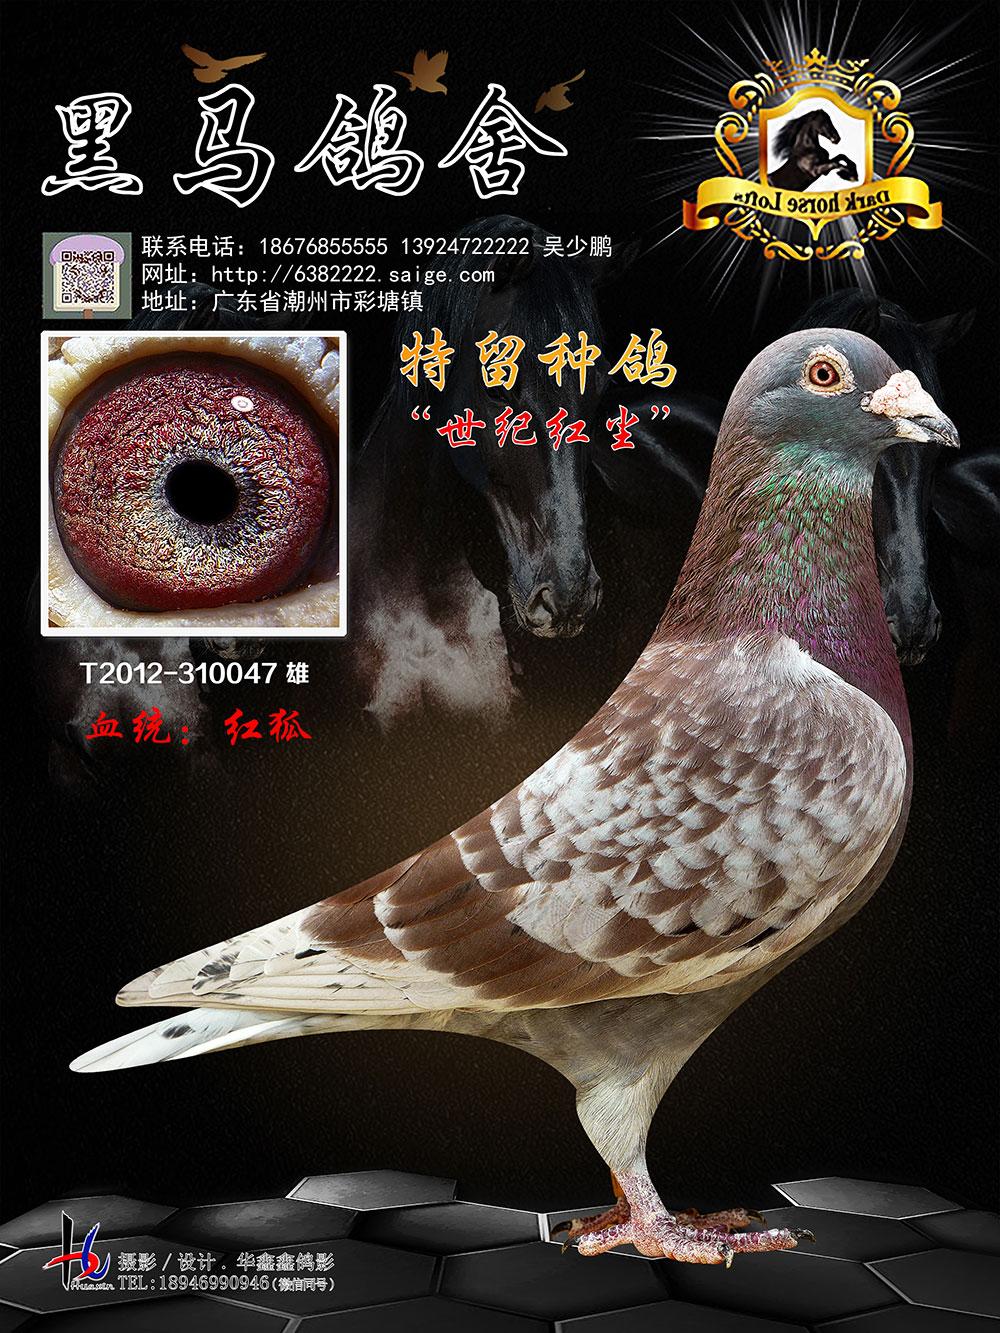 特留种鸽 世纪红尘 T2012-310047